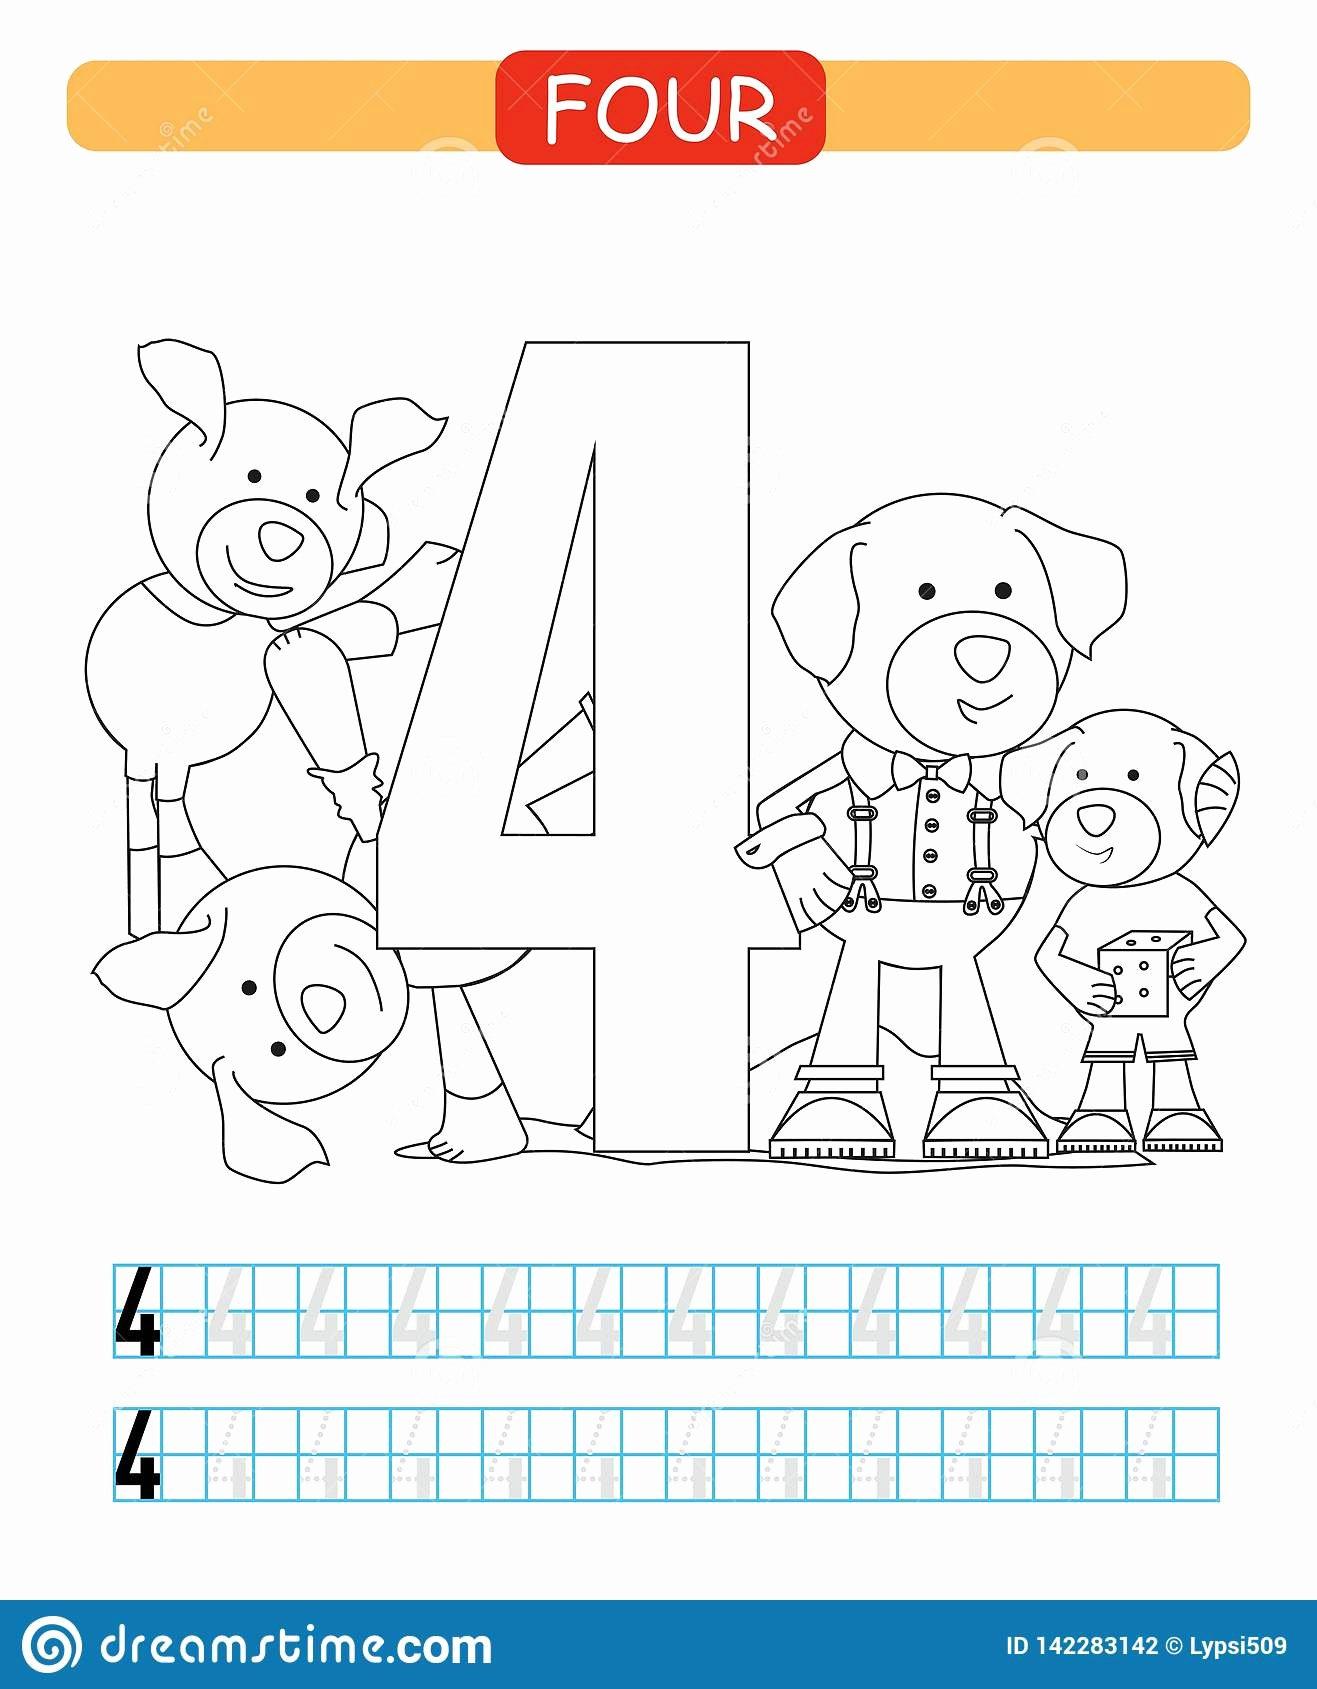 Dog Worksheets for Preschoolers Lovely Four Learning Number 4 Coloring Printable Worksheet for